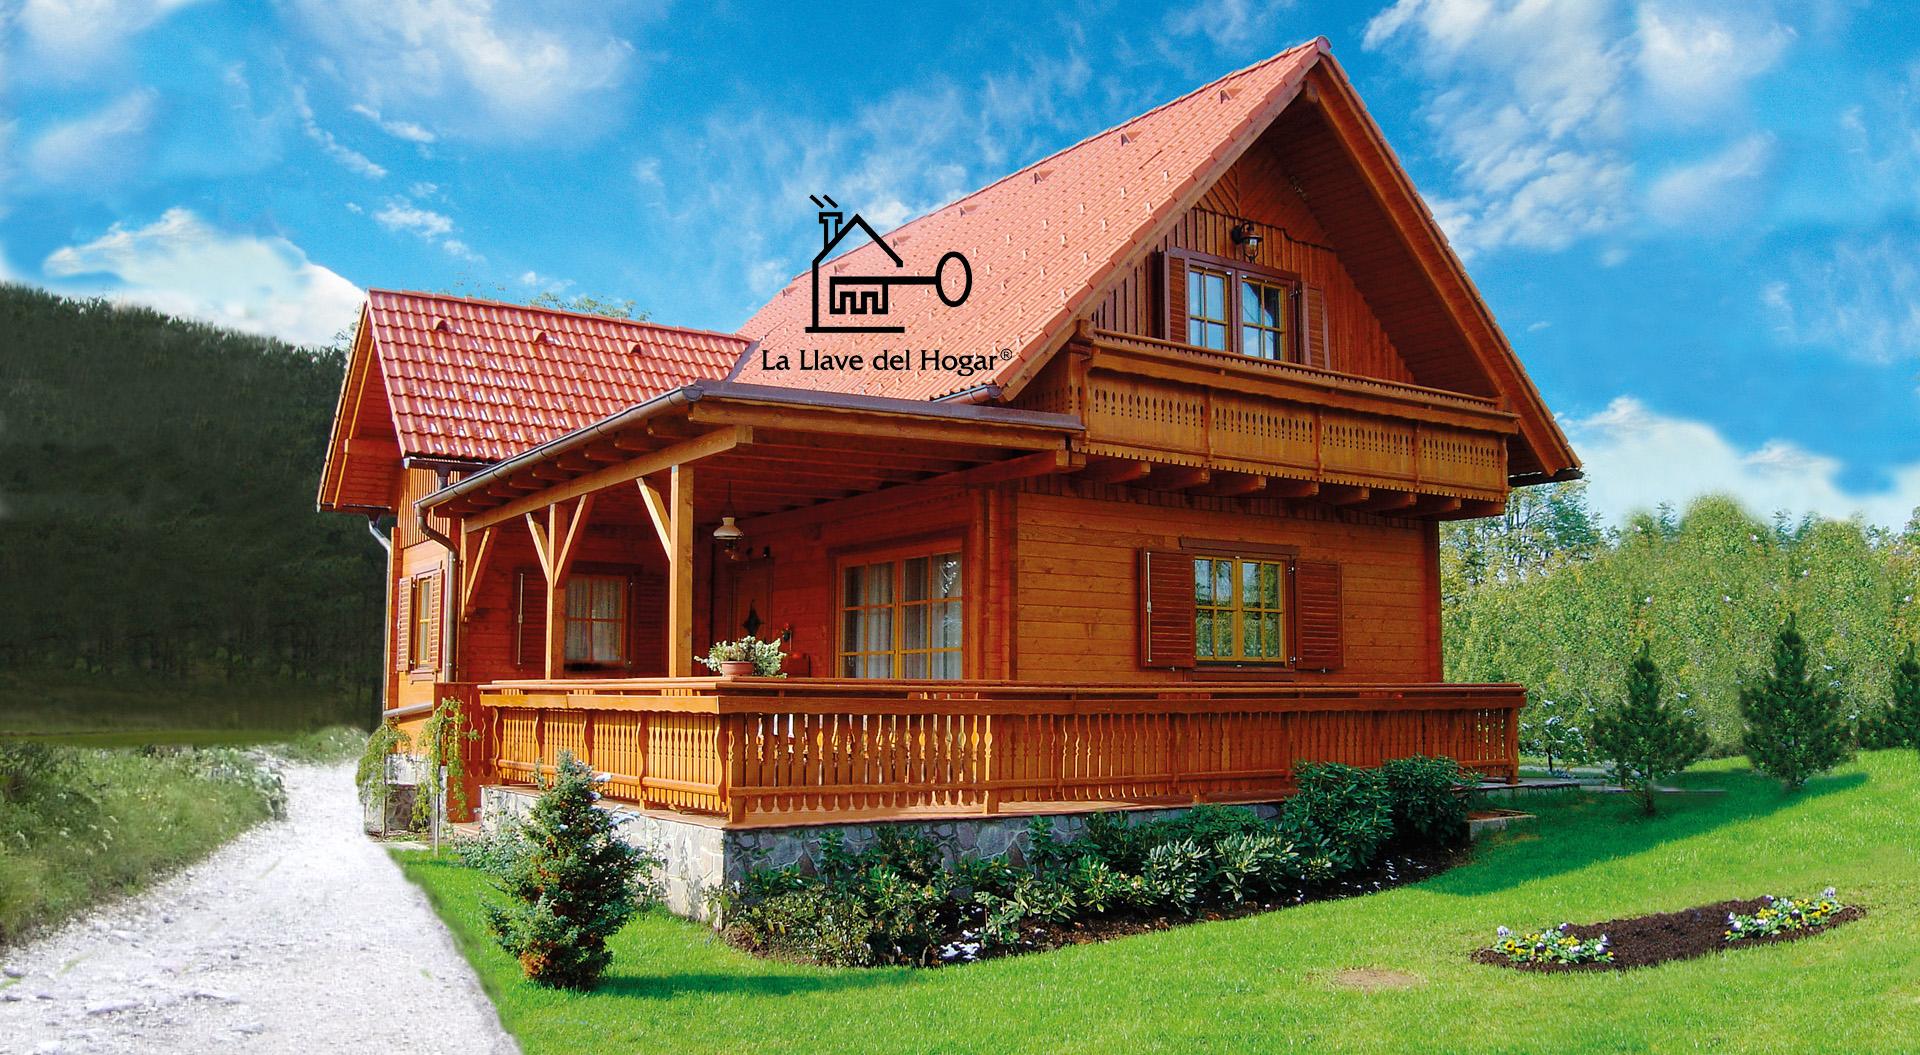 Collarada 150m casas de madera la llave del hogar - Casas entramado ligero ...